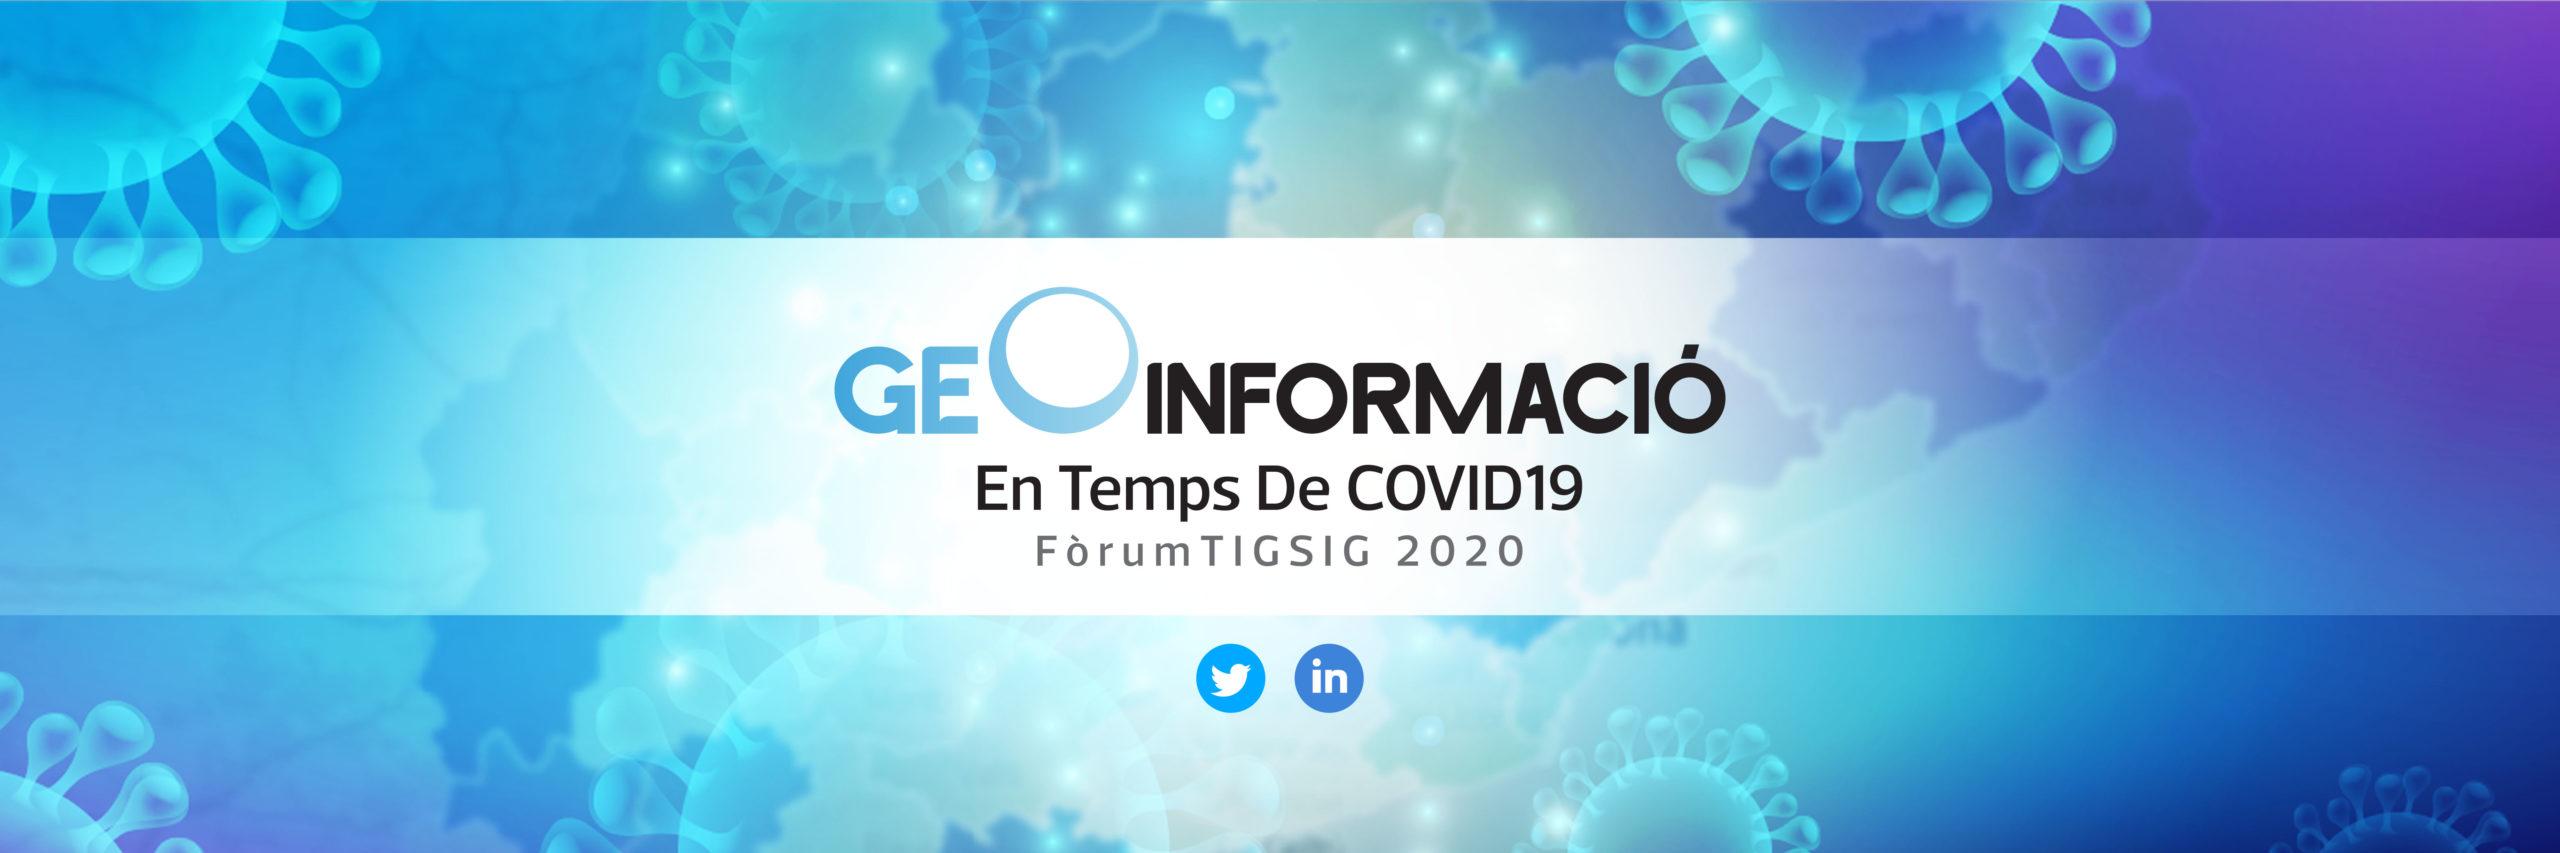 Geoinformació en temps de covid19